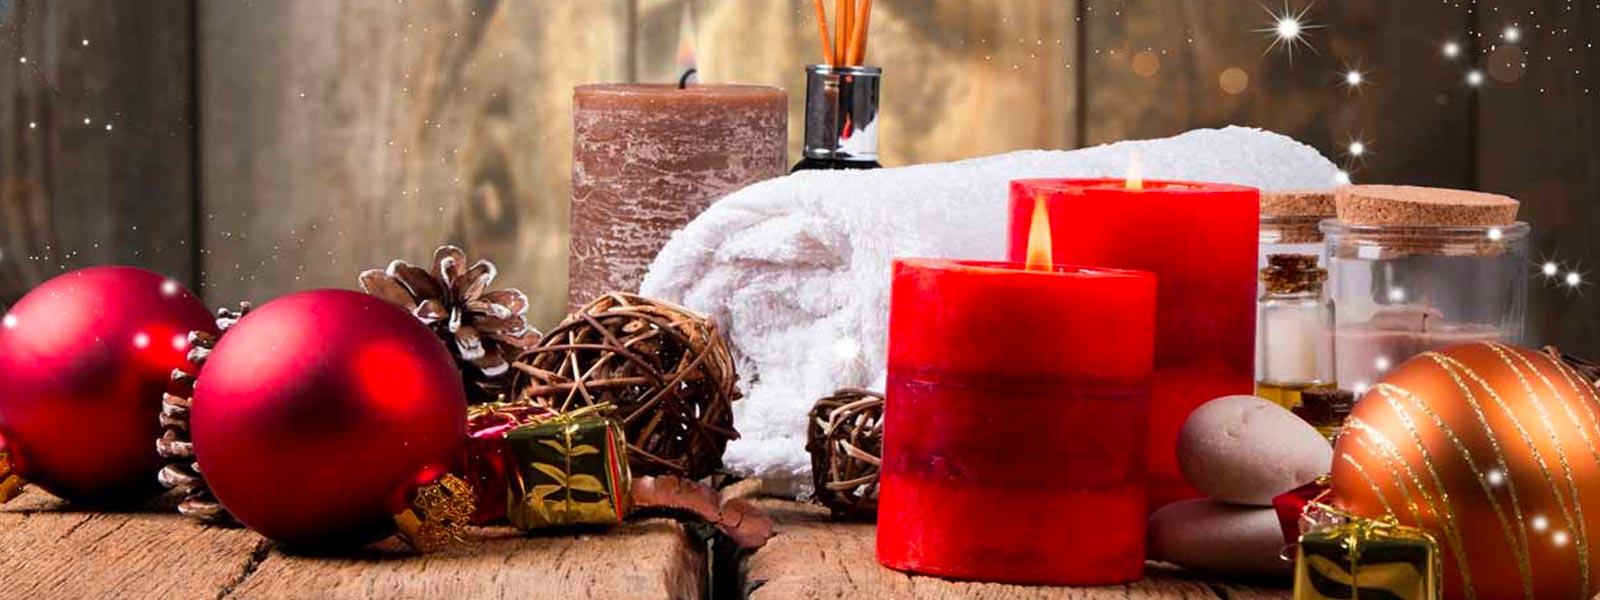 Natale e Articoli da regalo